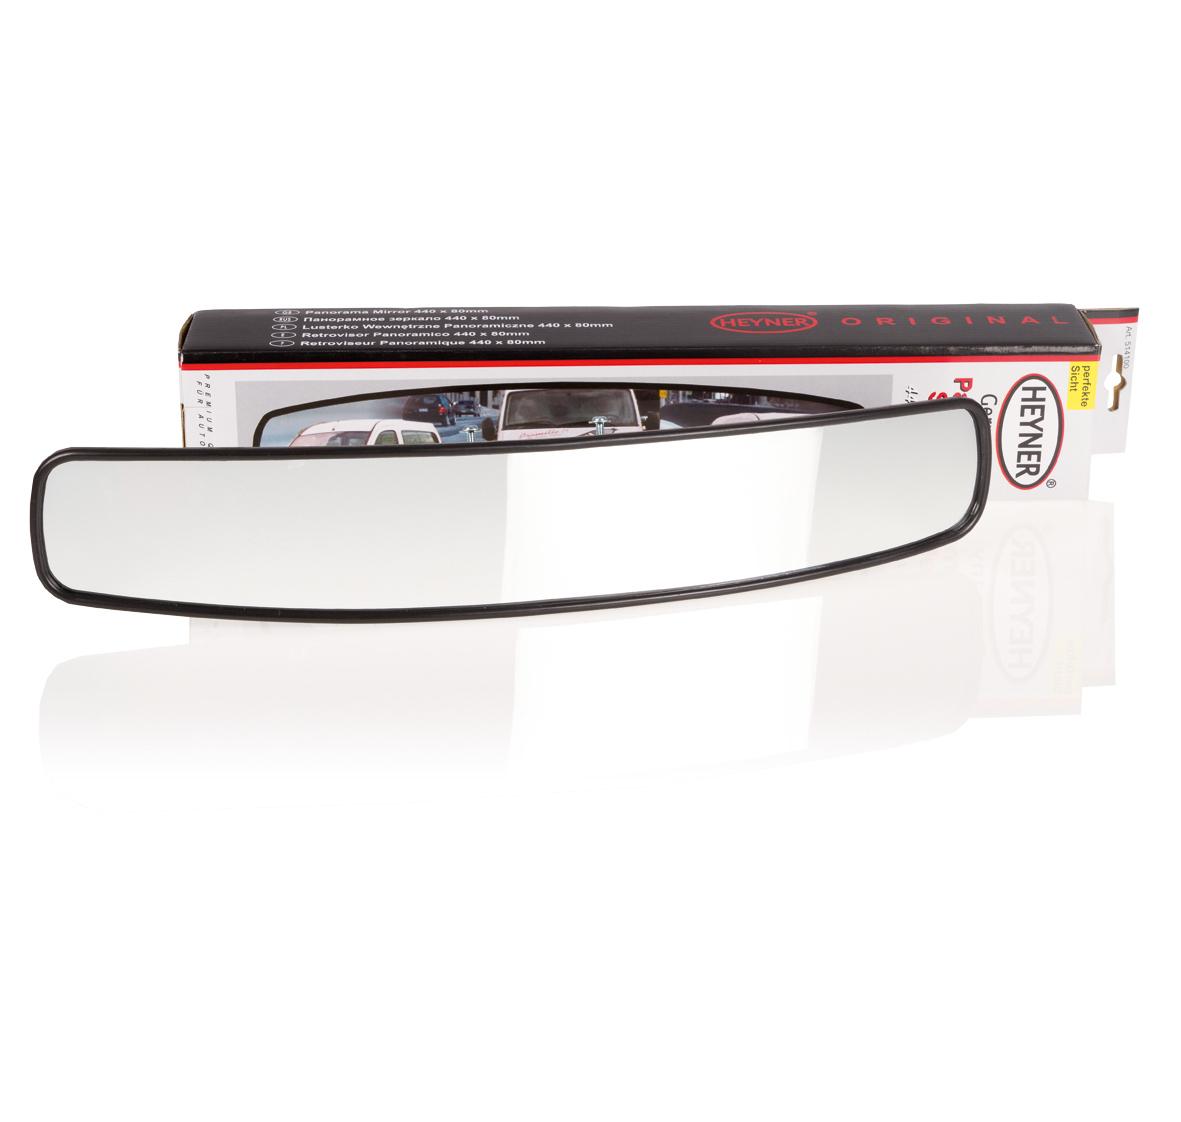 Зеркало заднего вида Heyner, панорамное, 440 х 80 мм514100Накладное панорамное зеркало заднего вида Heyner используется в автомобилях для увеличения угла обзора дорожной ситуации с водительского места. Использование данных внутрисалонных зеркал повышает удобство вождения при совершении маневров, а также безопасность движения. Зеркало имеет сферическую форму для создания панорамы происходящего в мертвой для обзора области зеркала. Водителю видно то, что не видно в боковые зеркала. Устанавливается на штатное зеркало.